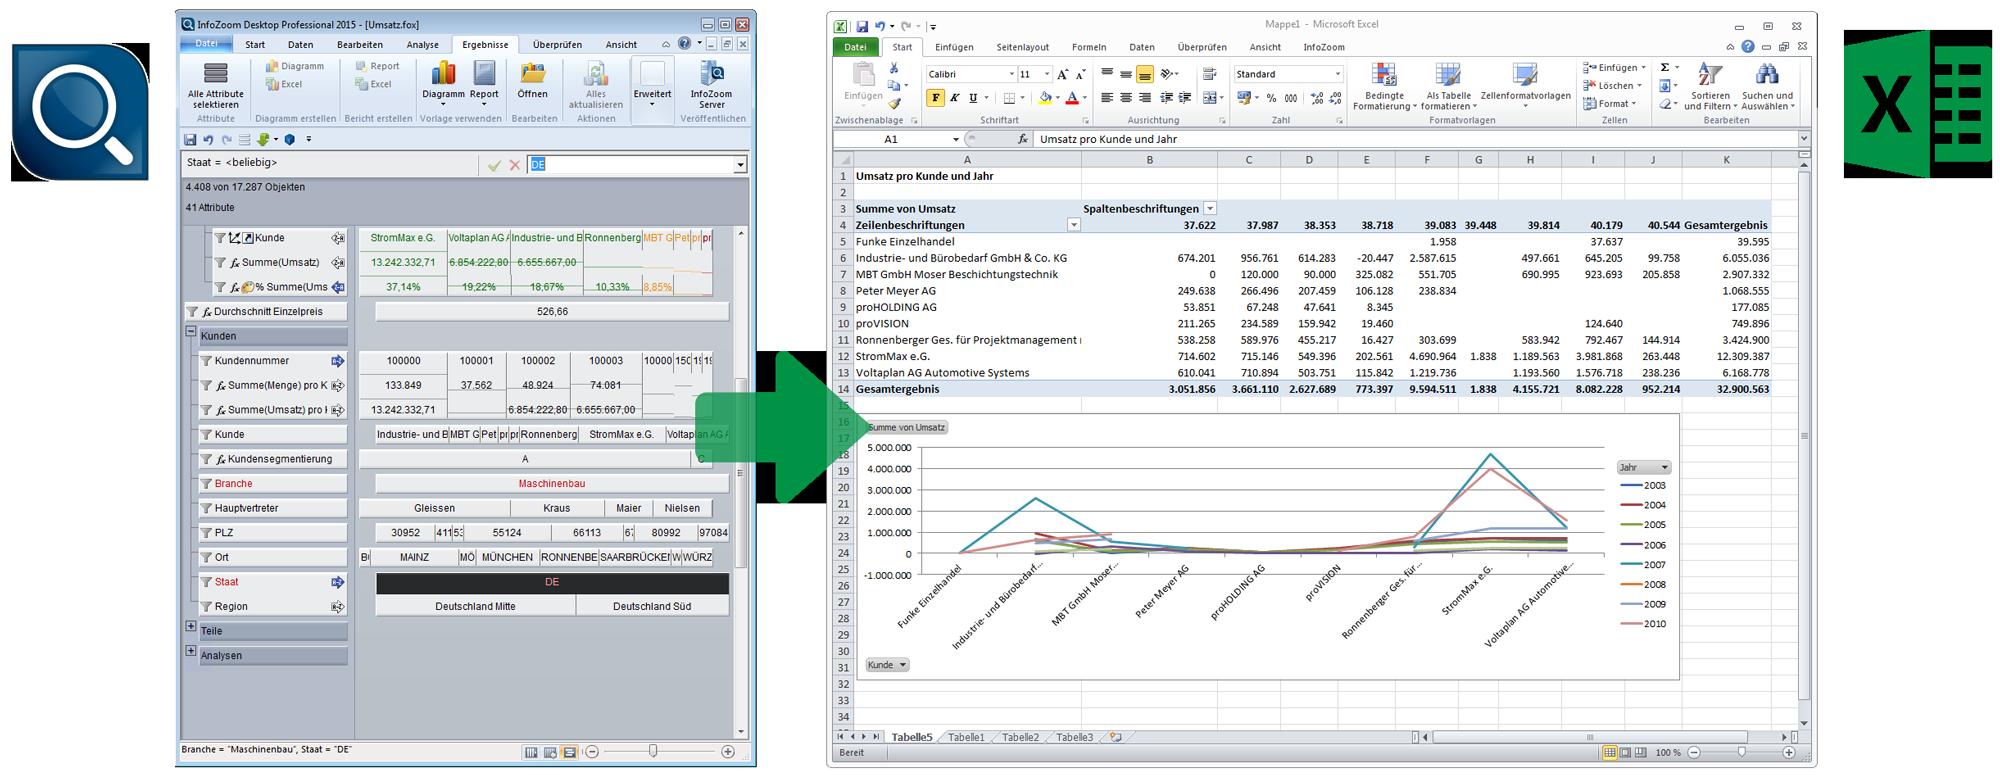 Datenanalyse Ergebnisse in Excel übertragen